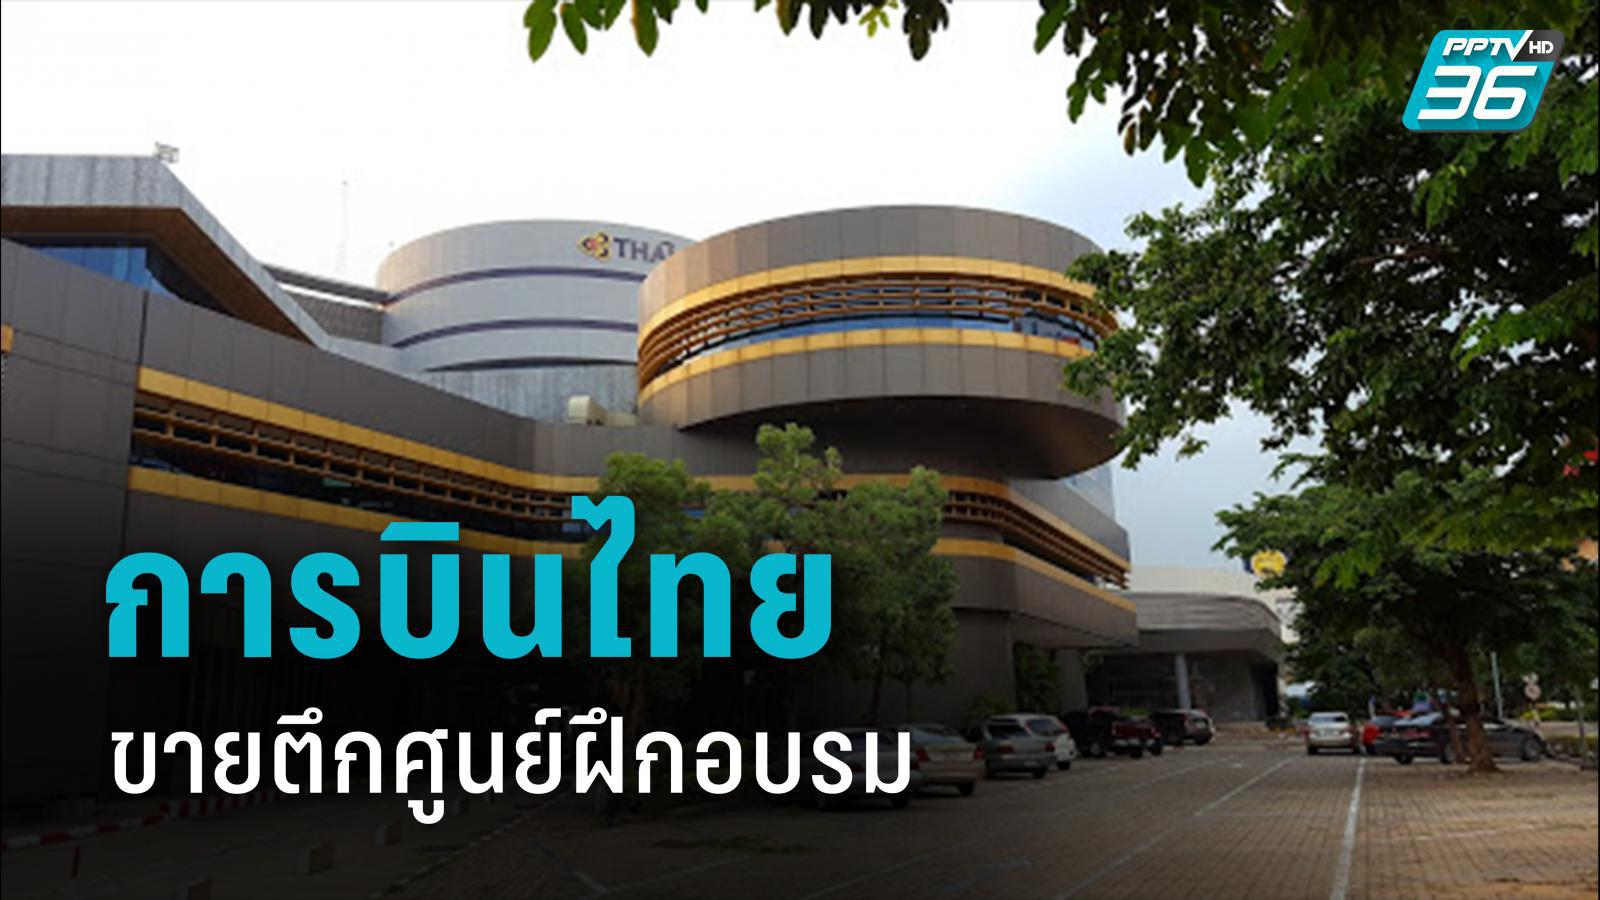 """การบินไทย ประกาศขายตึก """"ศูนย์ฝึกอบรมหลักสี่"""" กำหนดยื่นซองเสนอราคา 1 เม.ย. นี้"""